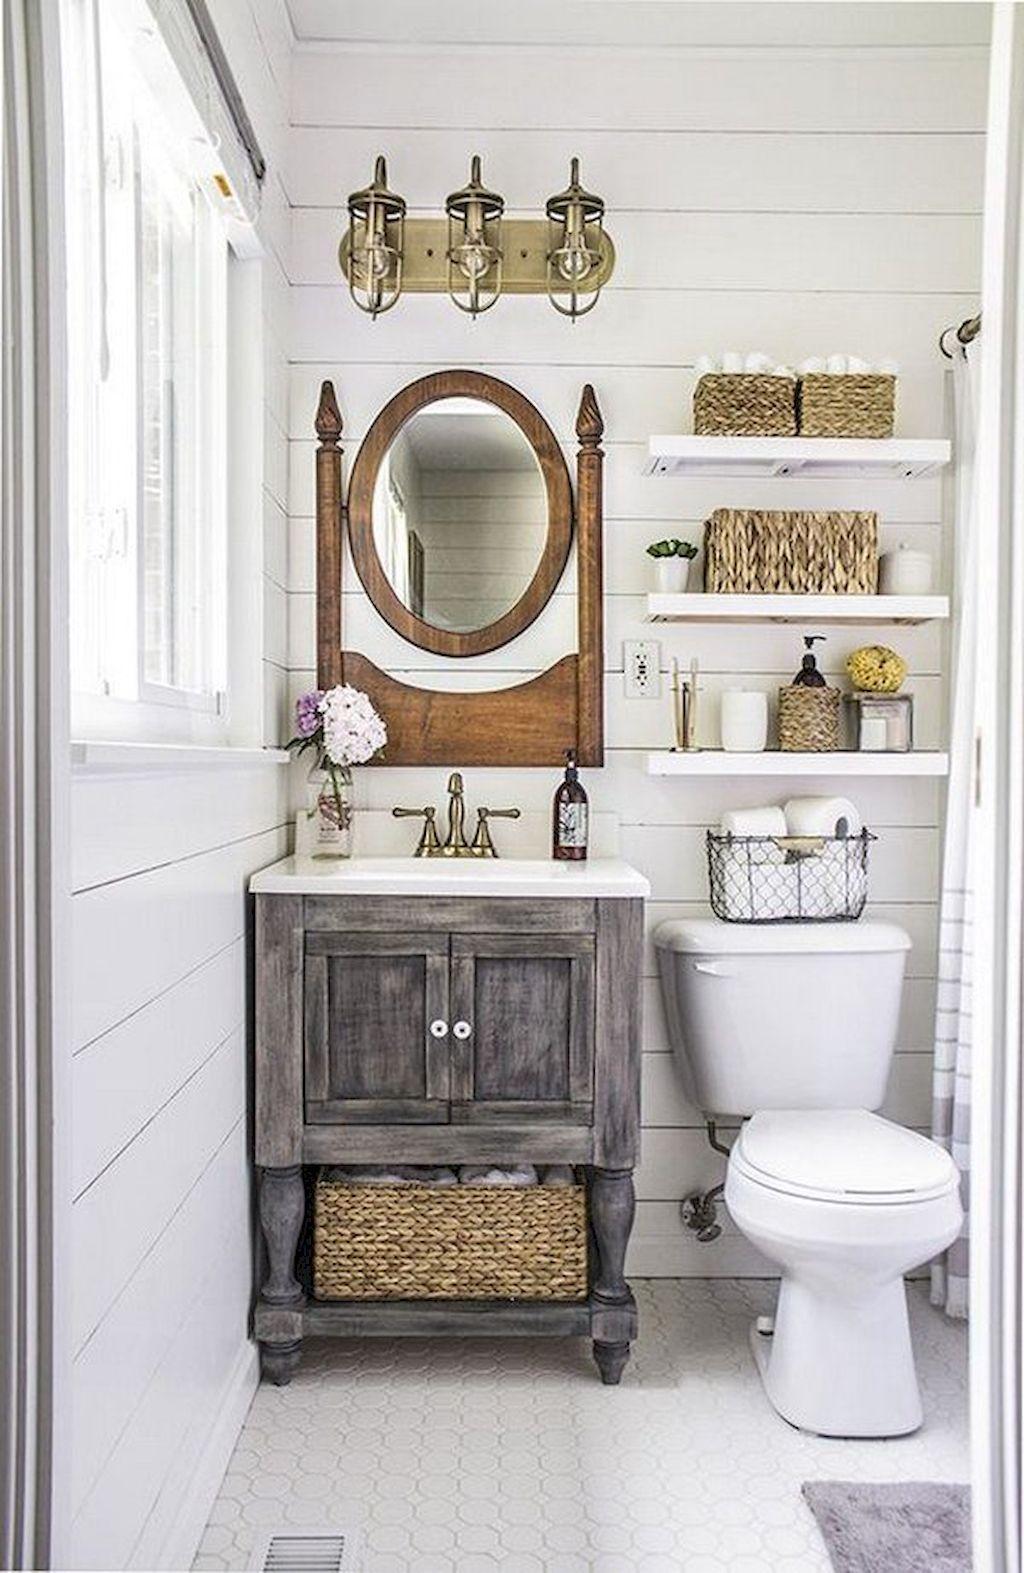 45 Cute Small Bathroom Organization Ideas | Bathroom organization ...